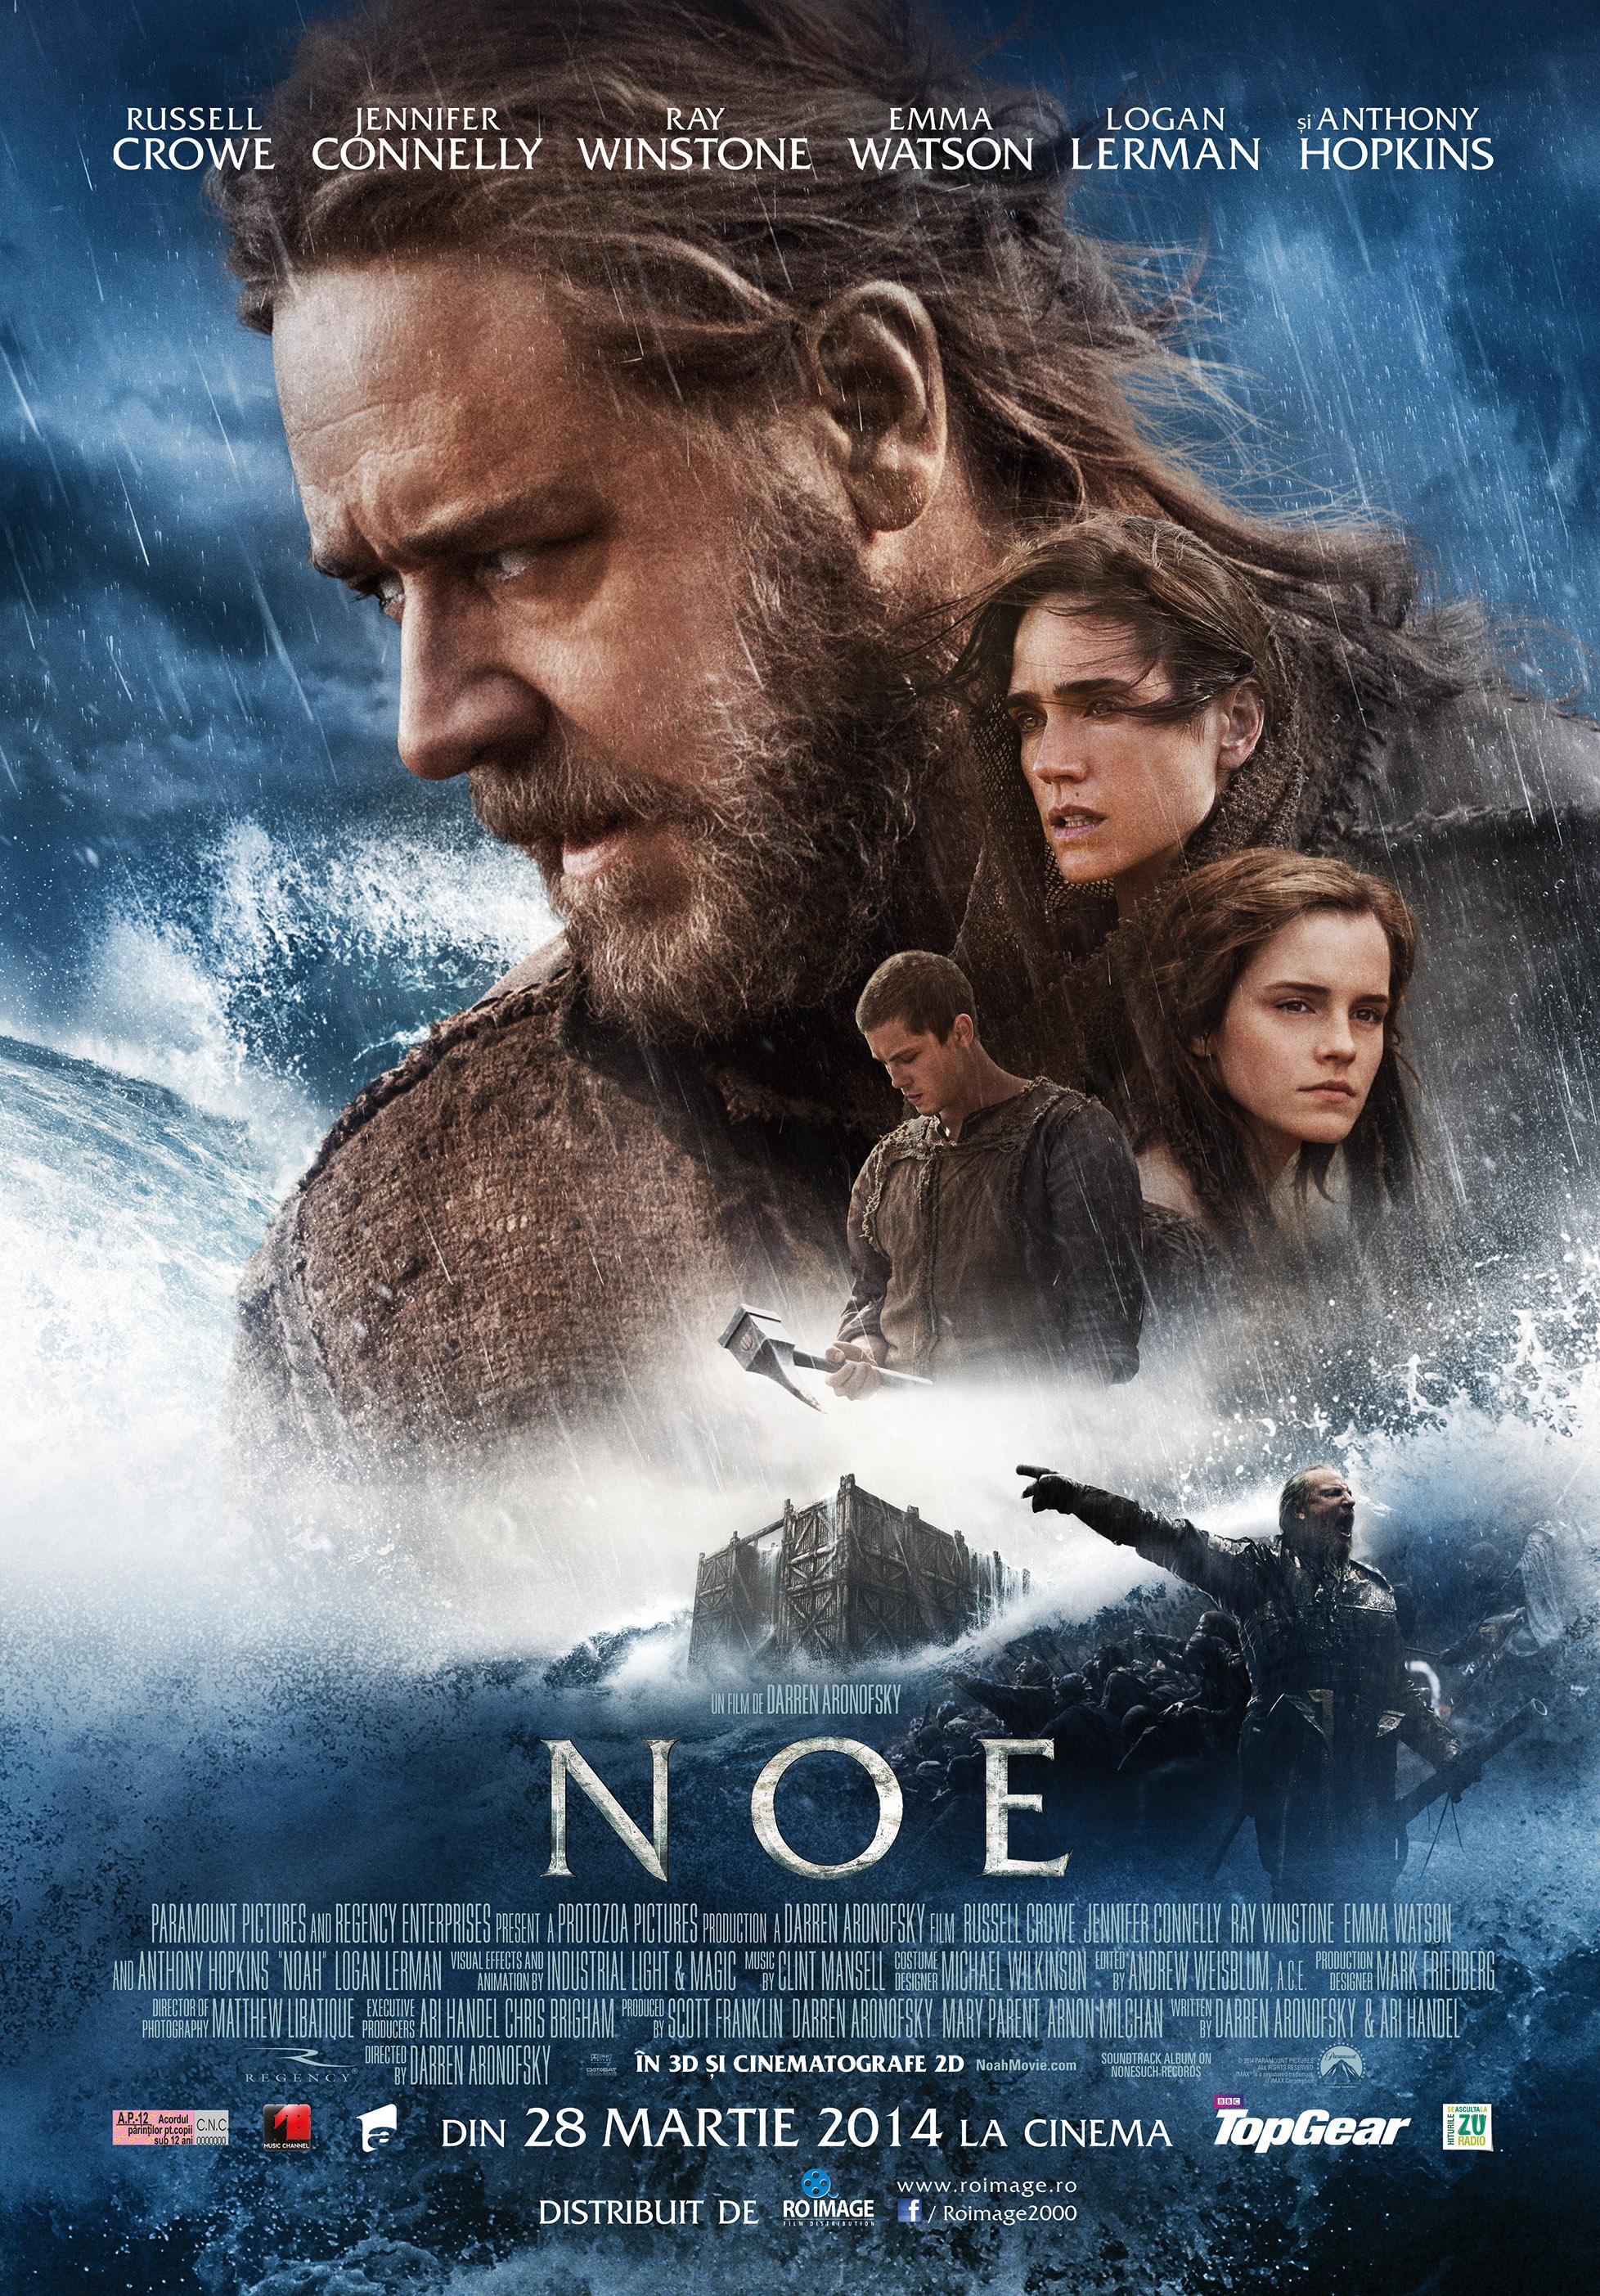 Noe 3D / Noah 3D